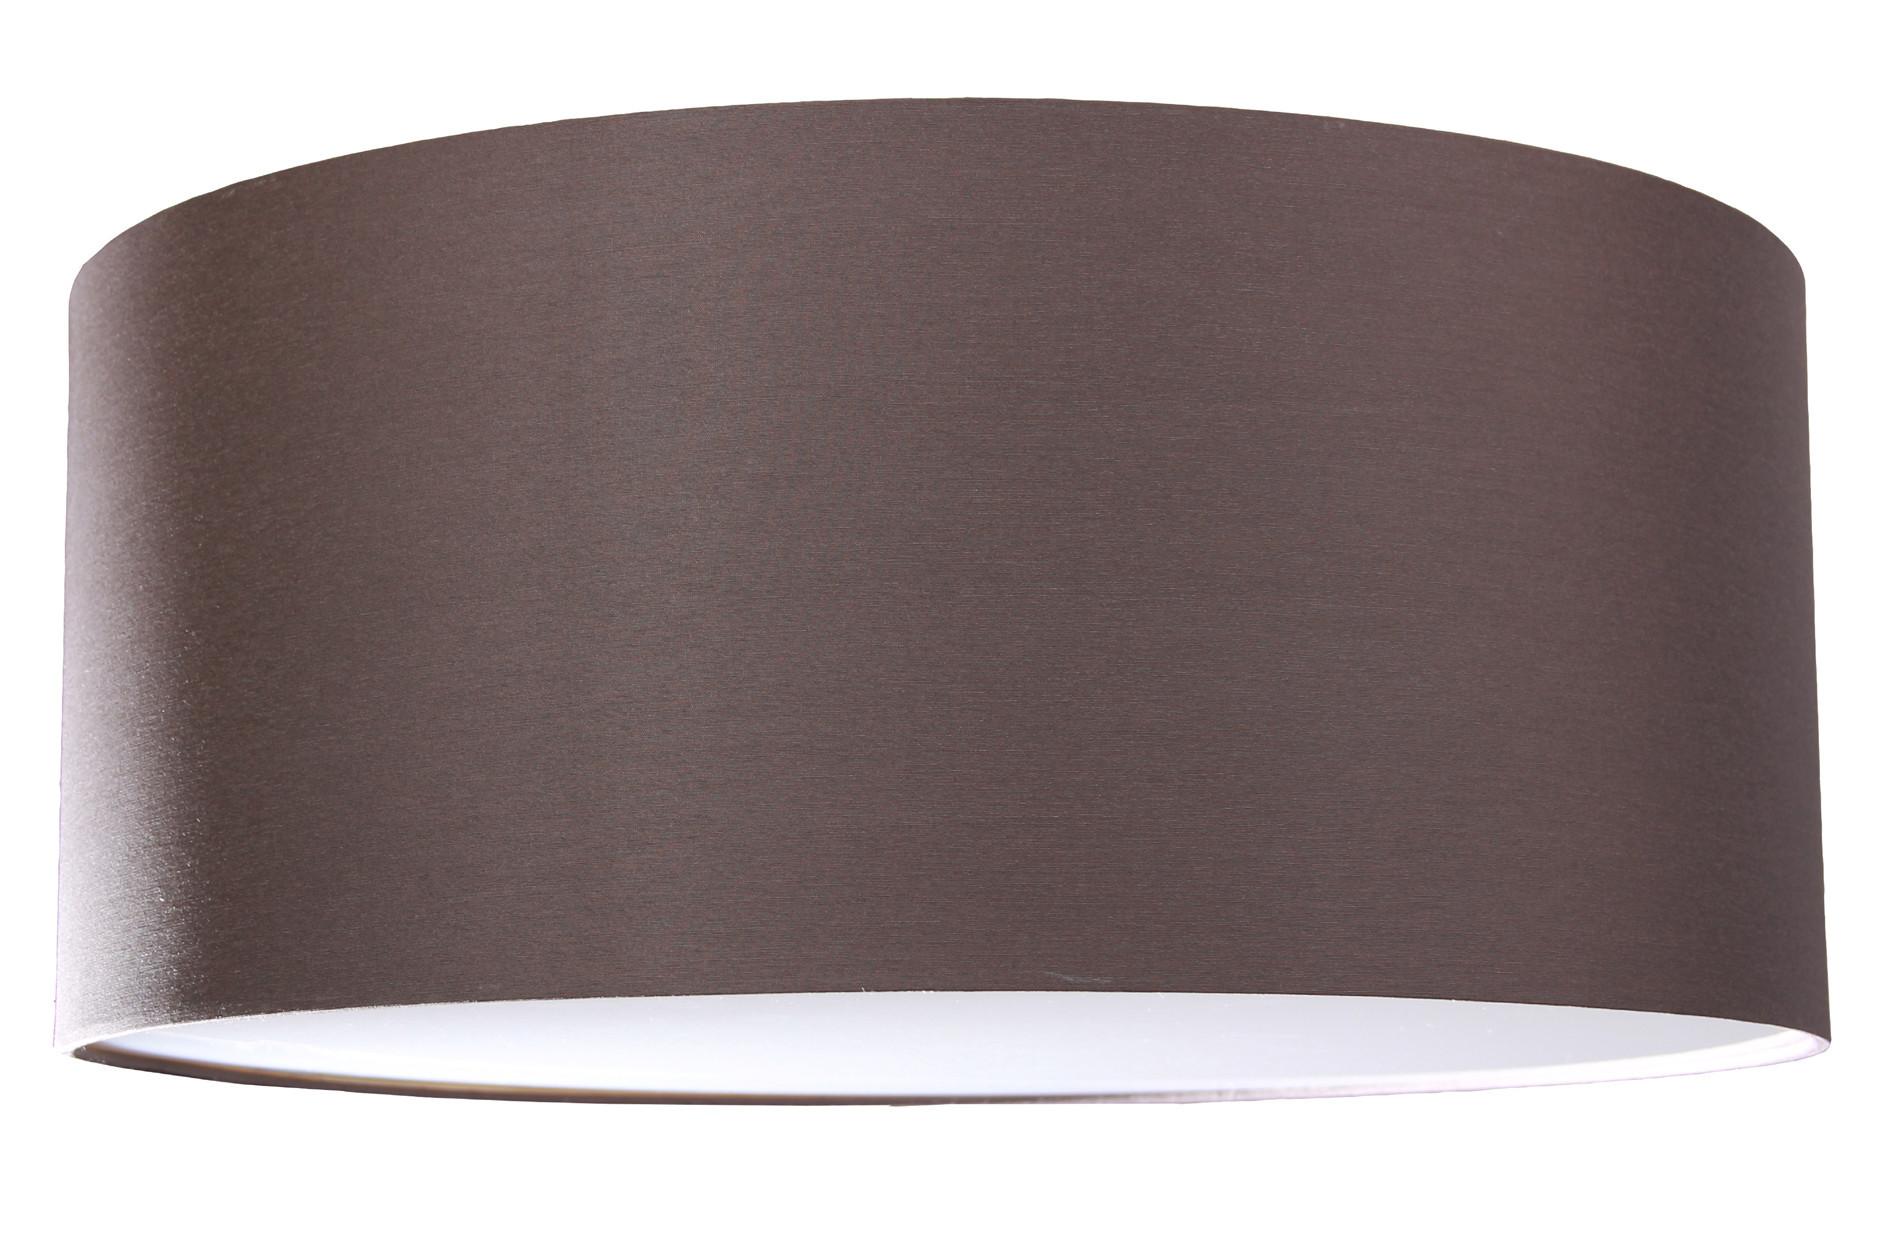 waldi leuchten stockholm deckenleuchte 3 flammig eek a online kaufen bei woonio. Black Bedroom Furniture Sets. Home Design Ideas